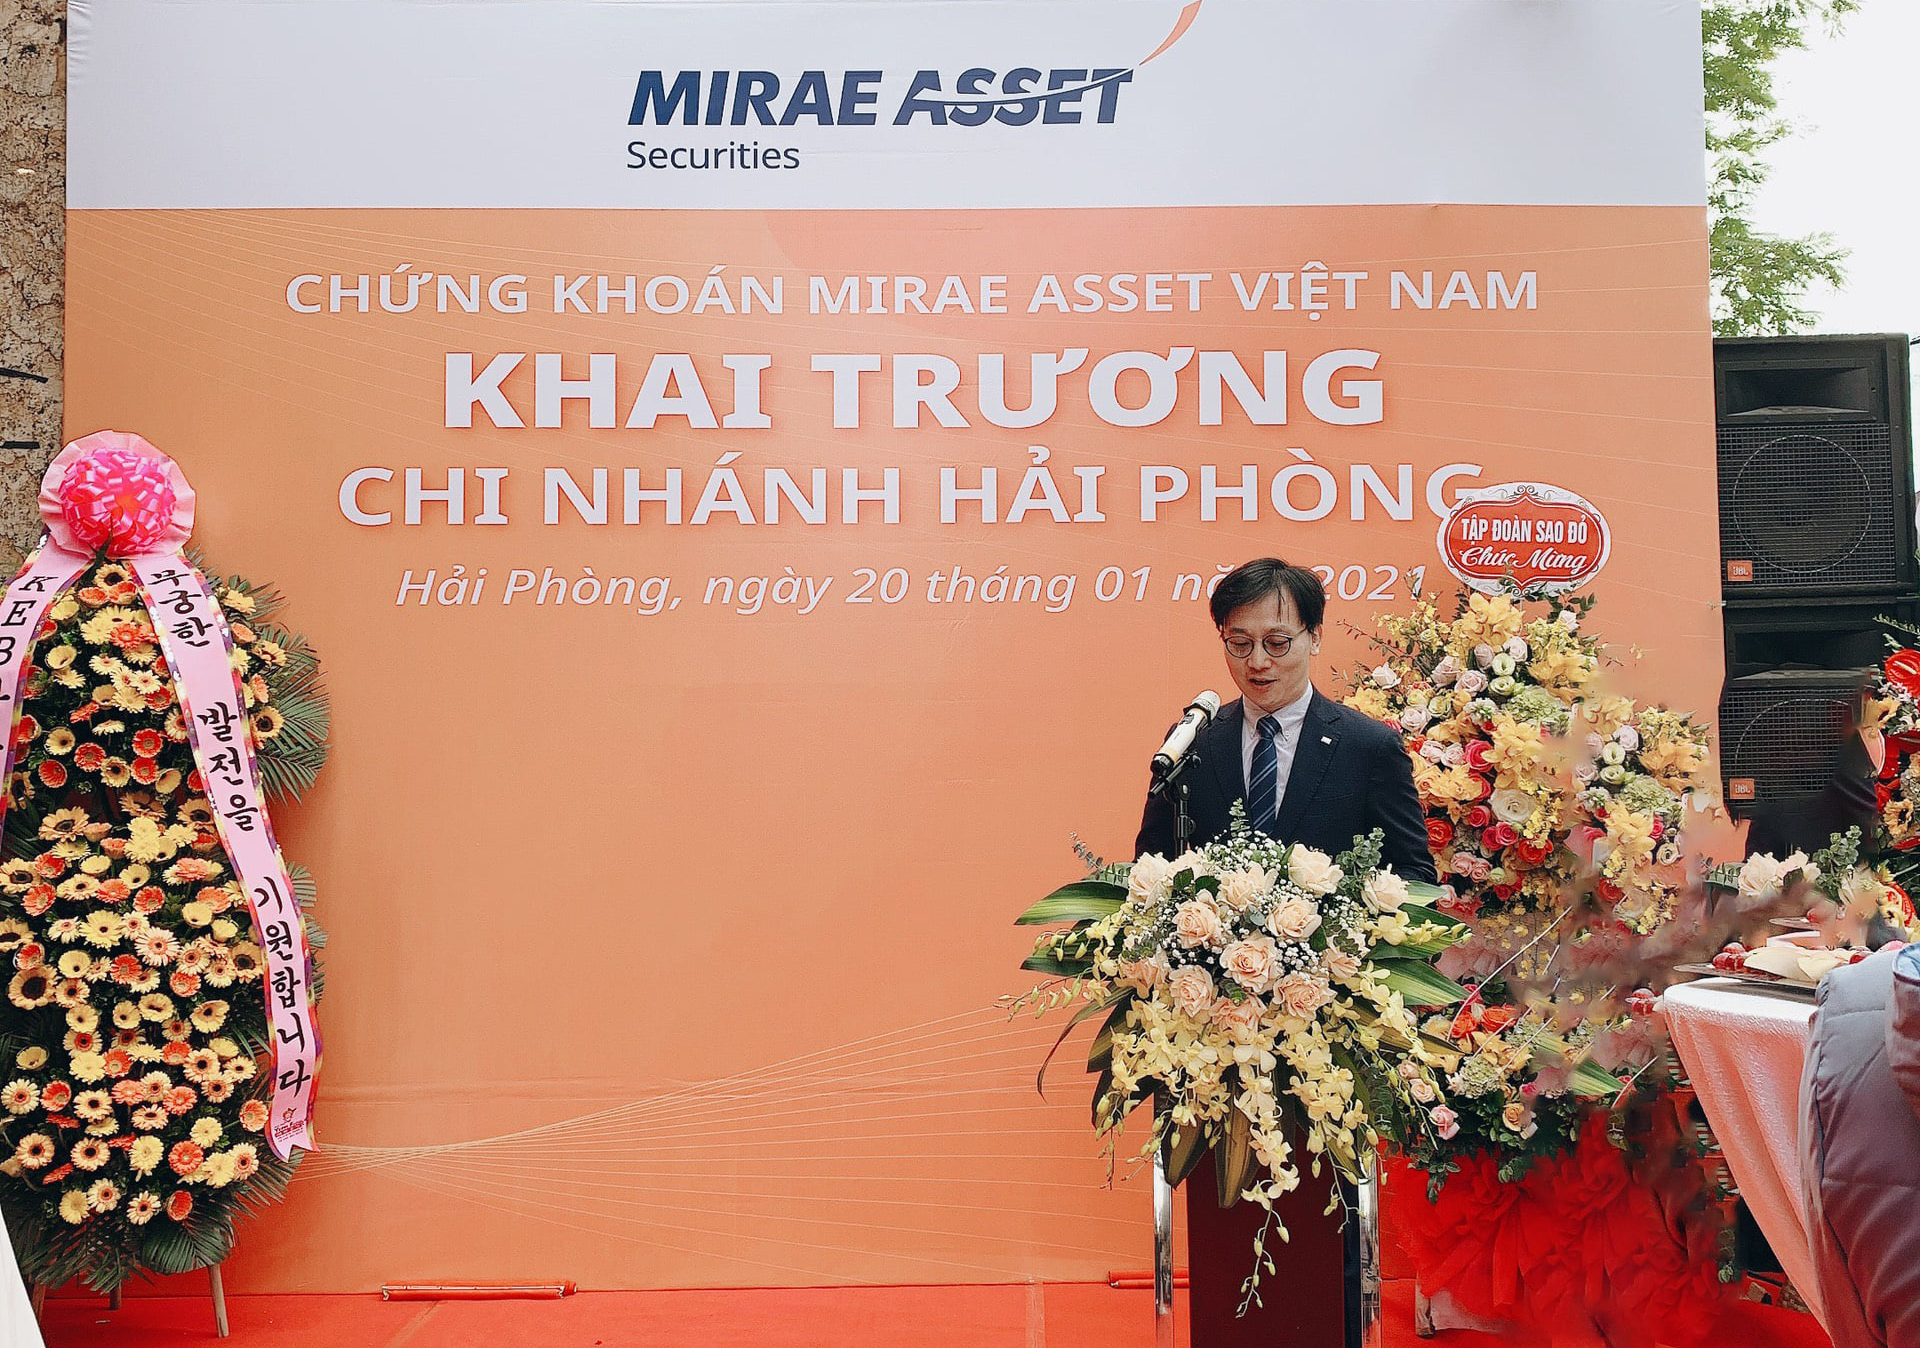 Công ty Chứng khoán Mirae Asset Việt Nam mở chi nhánh Hải Phòng